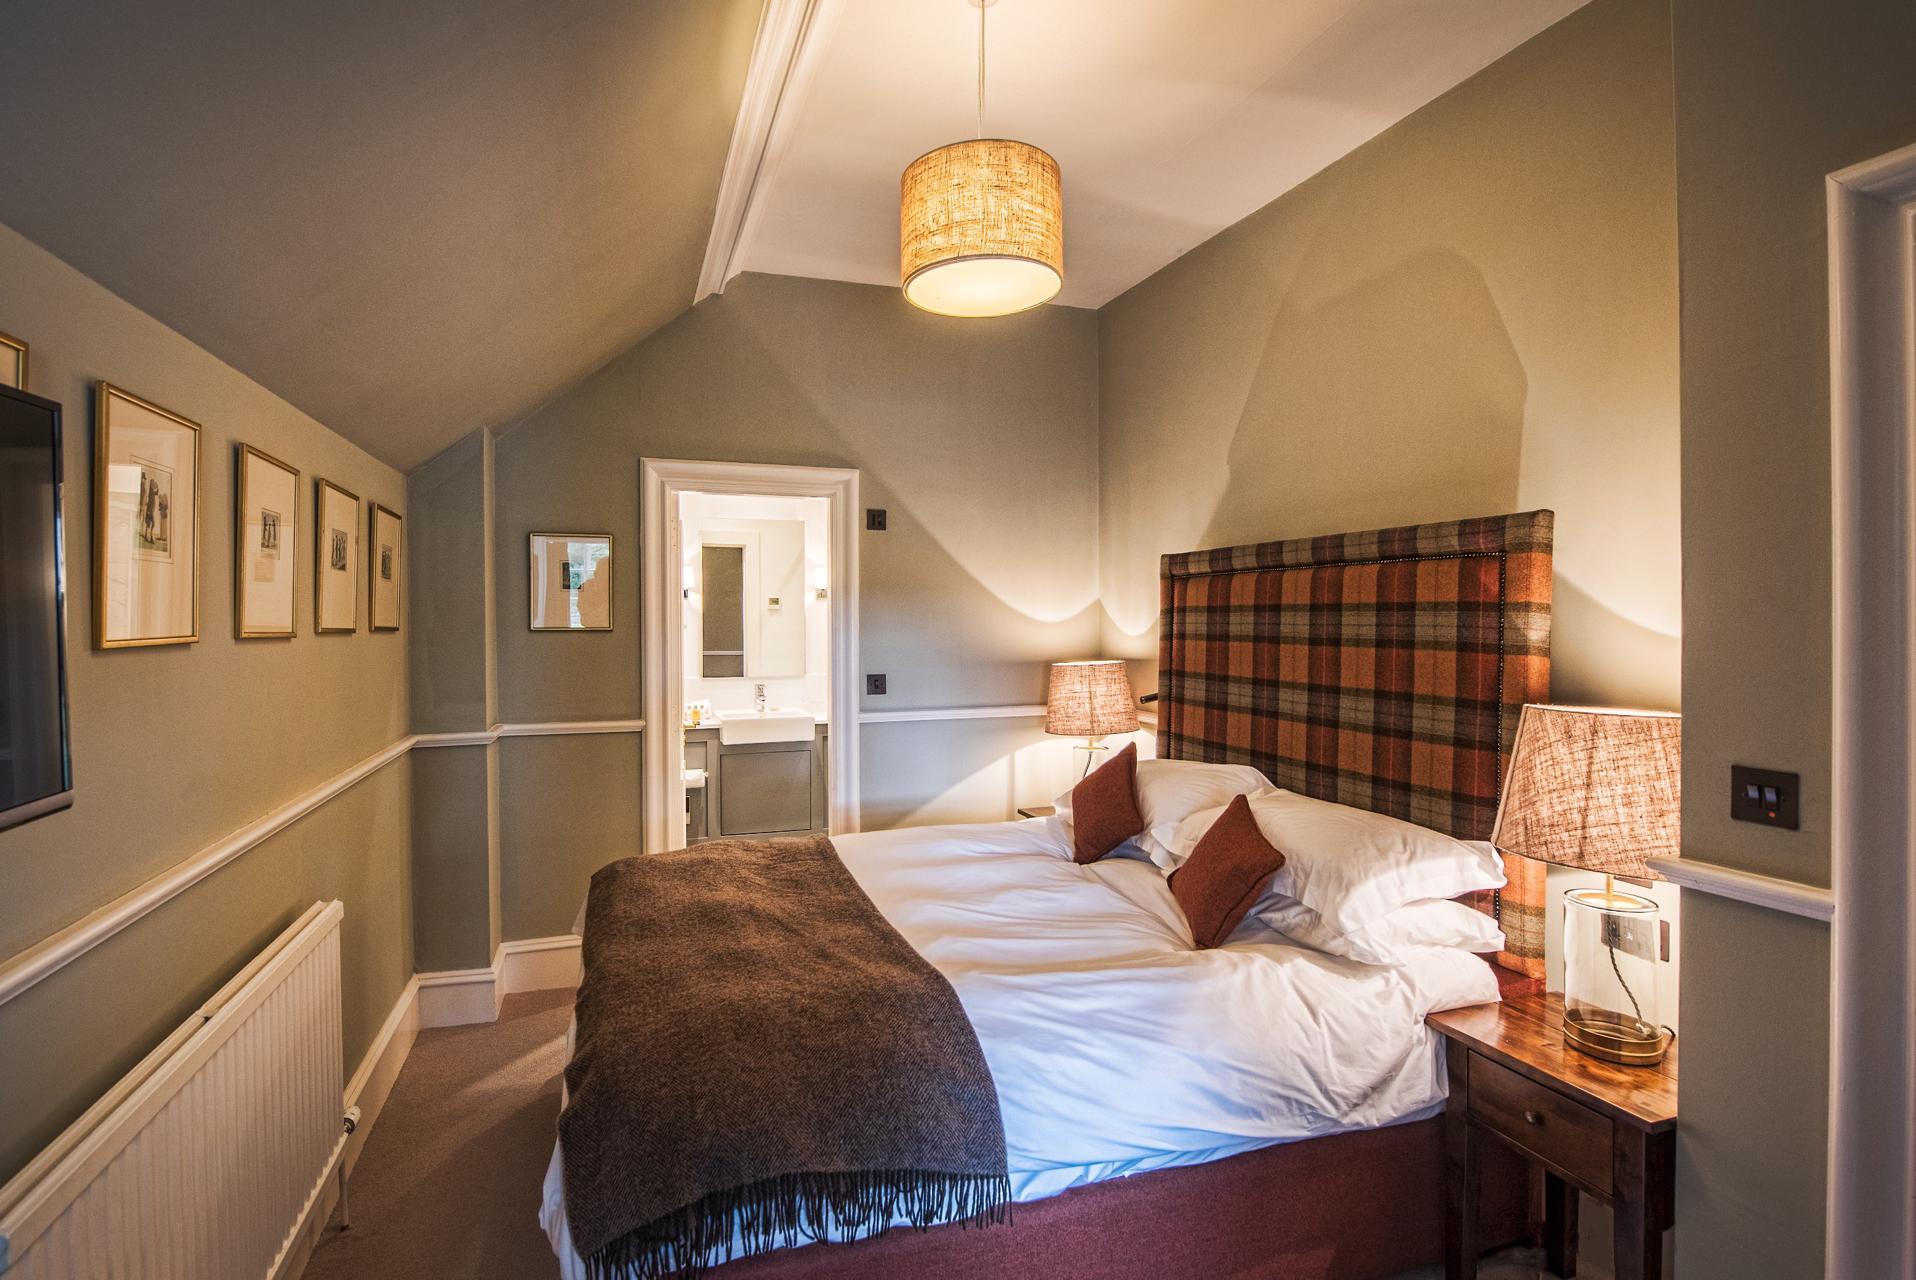 こちらが私が泊まったお部屋。こじんまりと快適だったのですが、シャワーしかないので、バスタブ派の方は予約時にぜひバスタブ付きの部屋を選んでください!